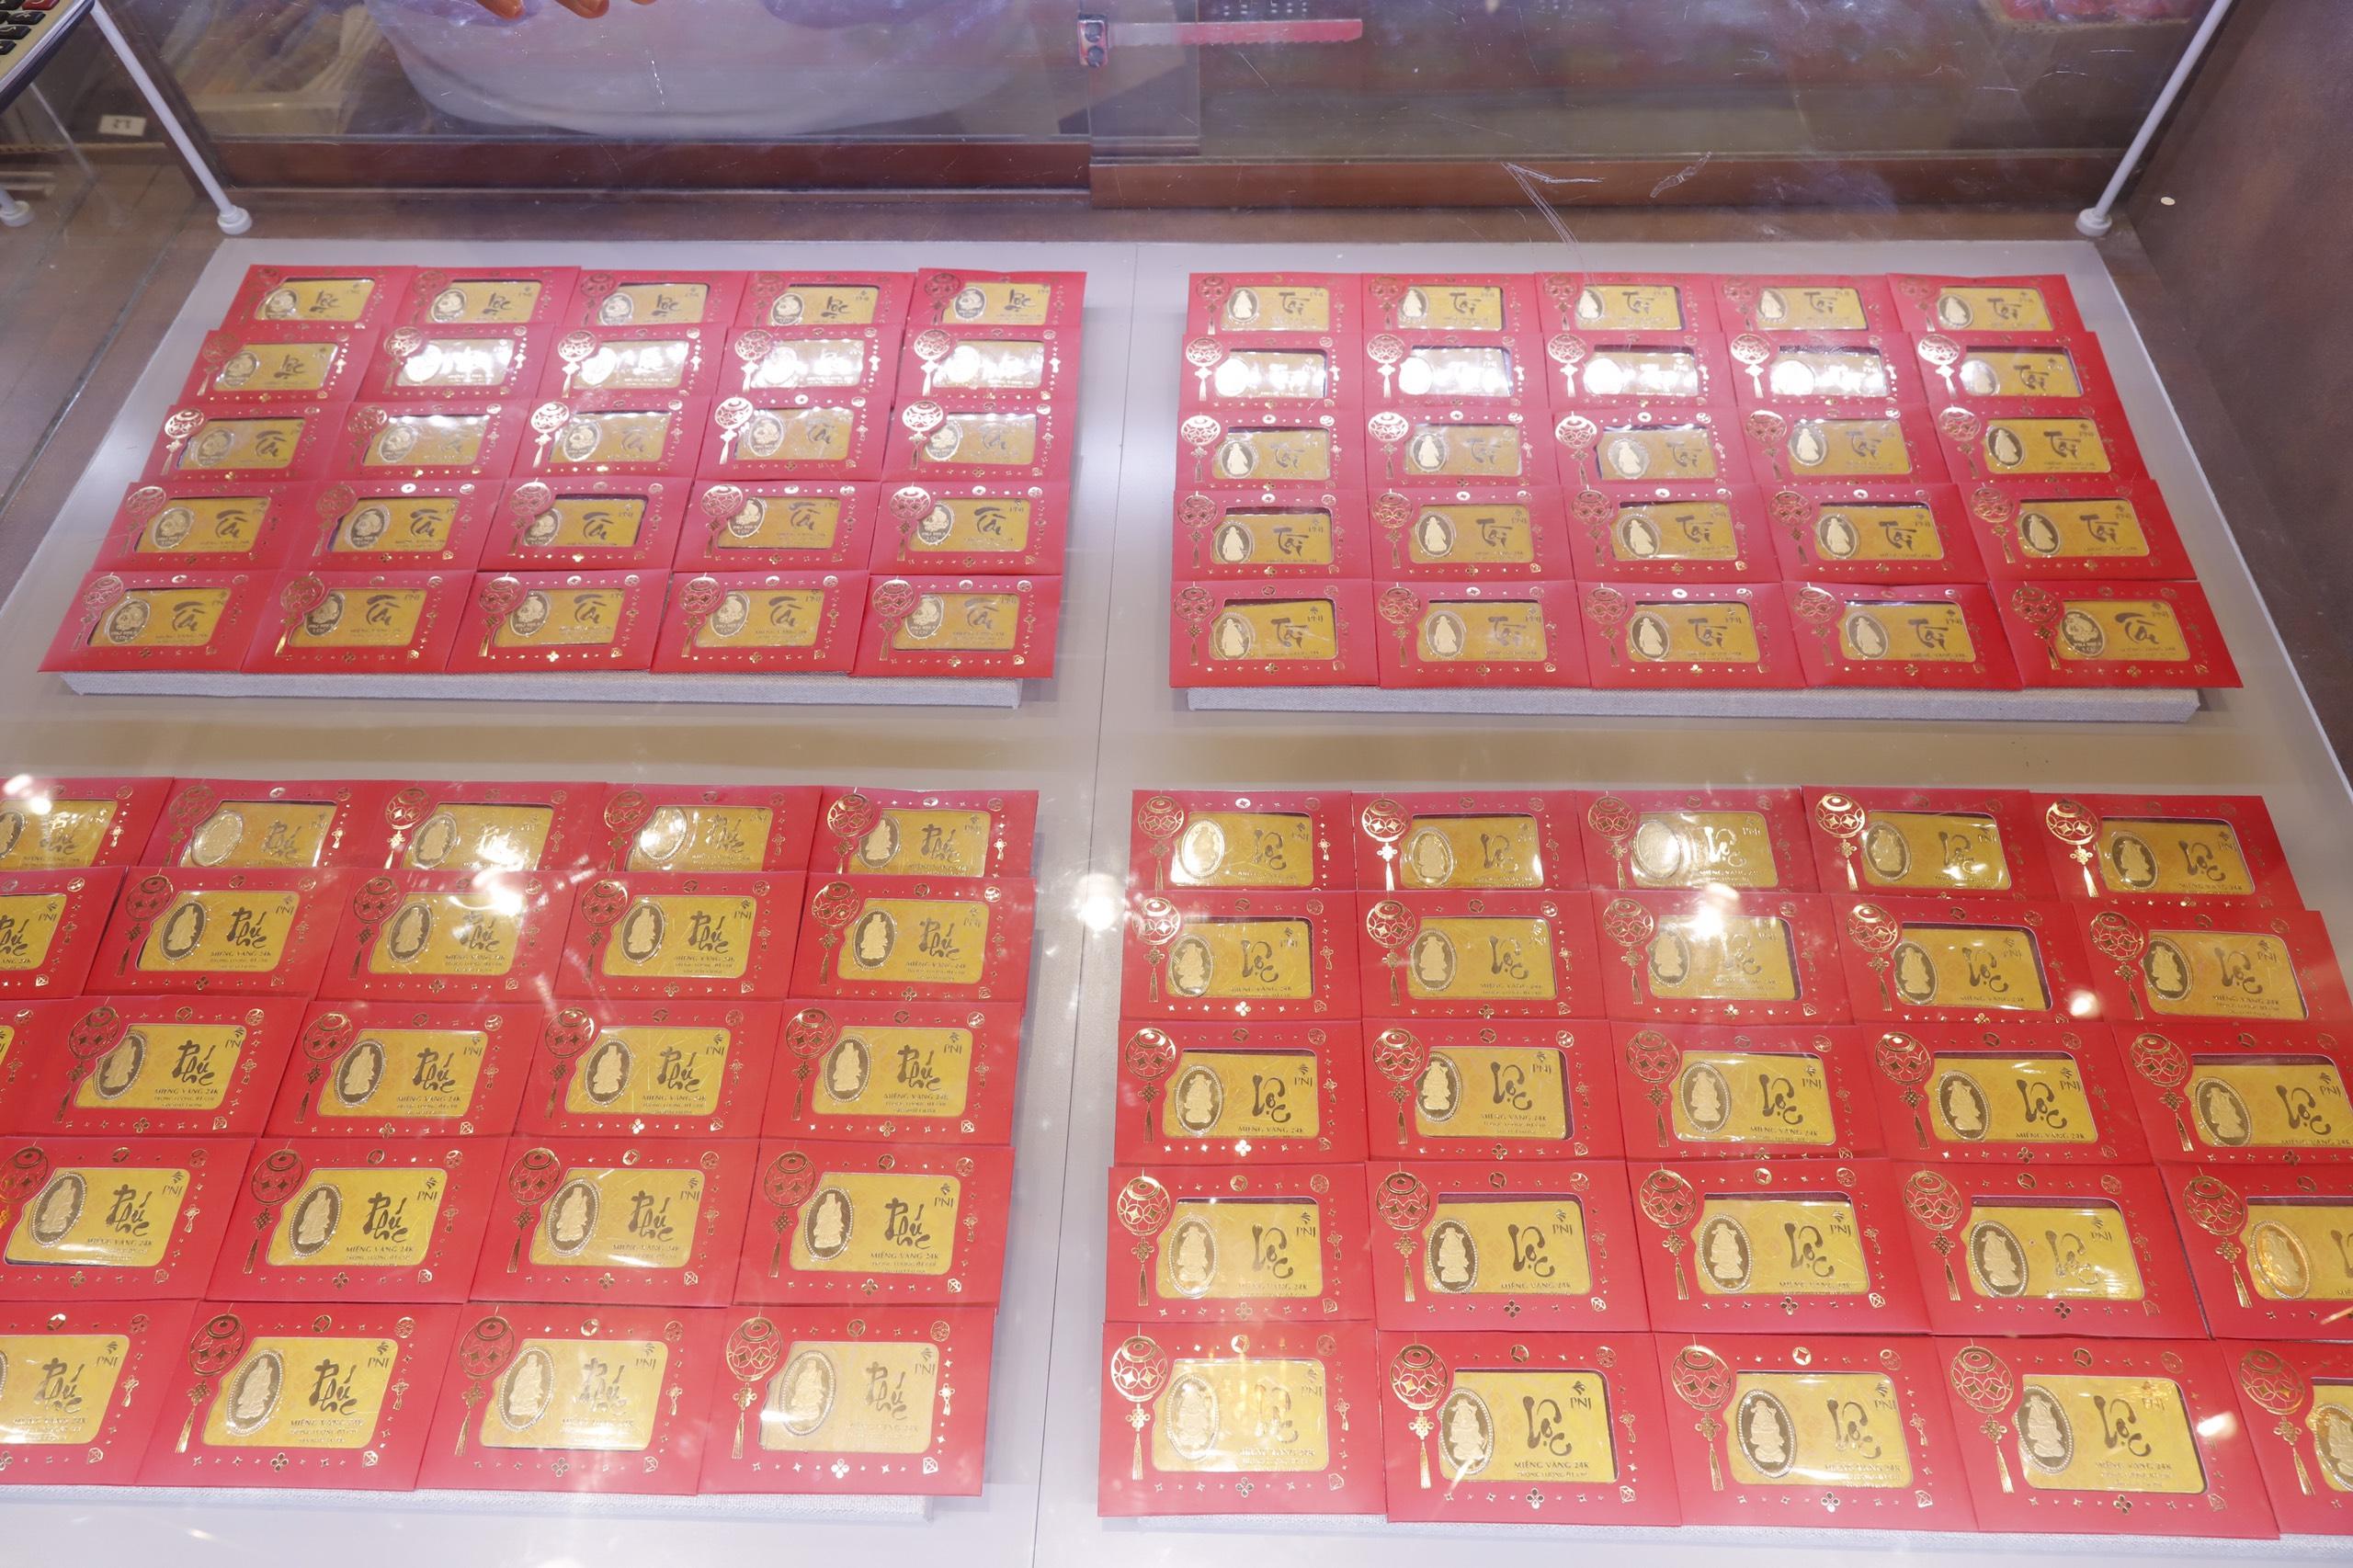 Giá vàng hôm nay 29/4: Vàng miếng SJC tăng sau phát biểu từ Chủ tịch Fed - Ảnh 1.